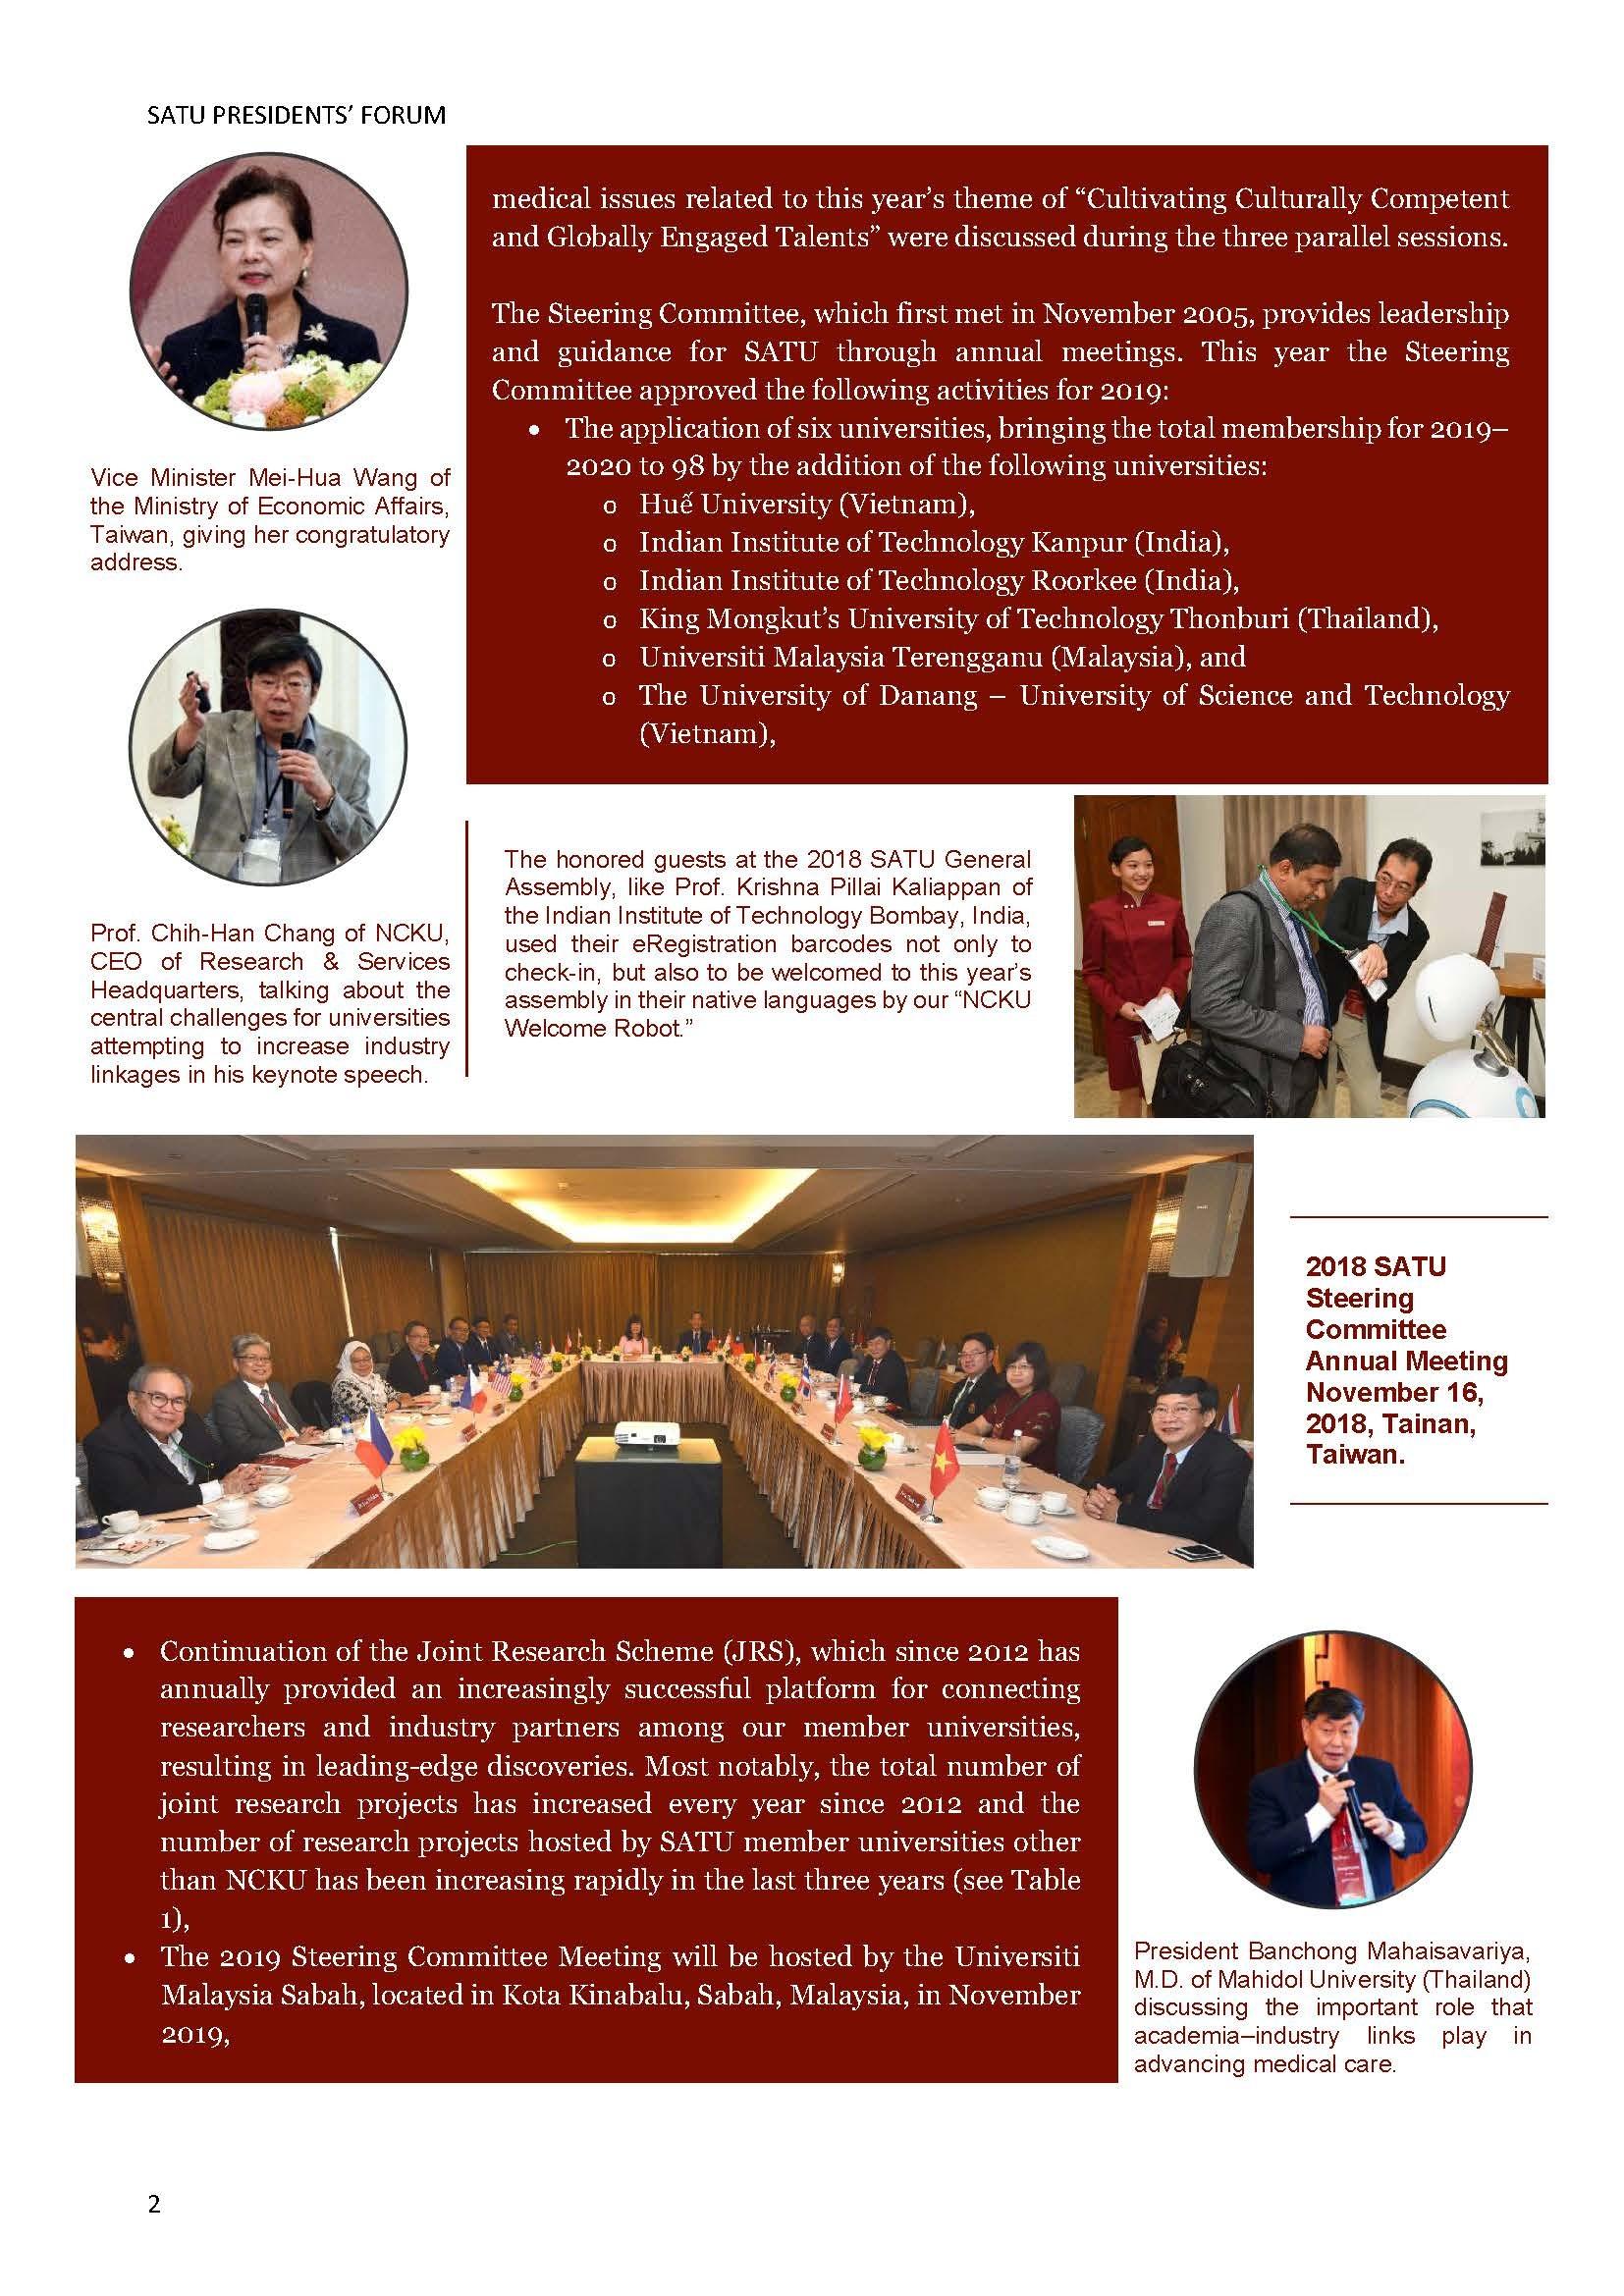 SATU E-News Vol. 3 page 2